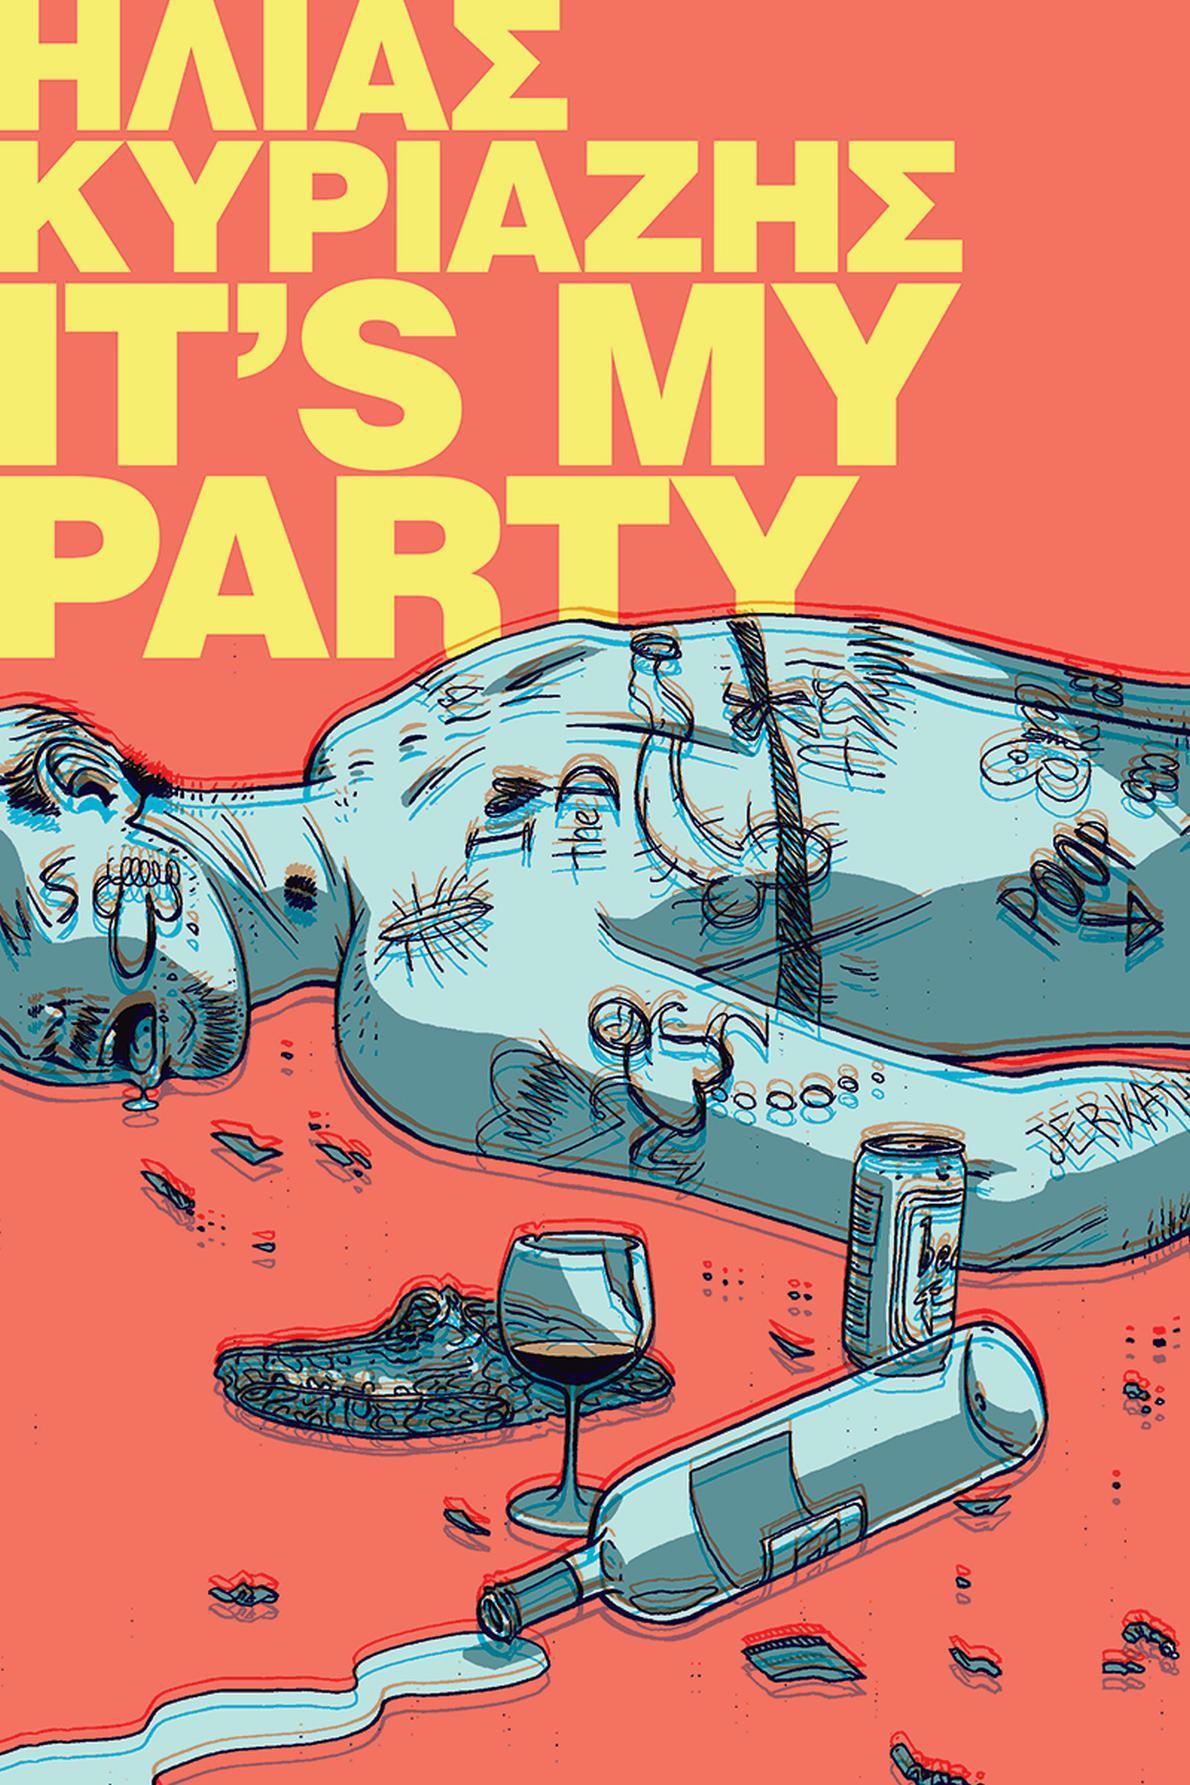 """Το εξώφυλλο του κόμικ """"It's My Party"""" (κυκλοφορεί από τις εκδόσεις Giganto)"""